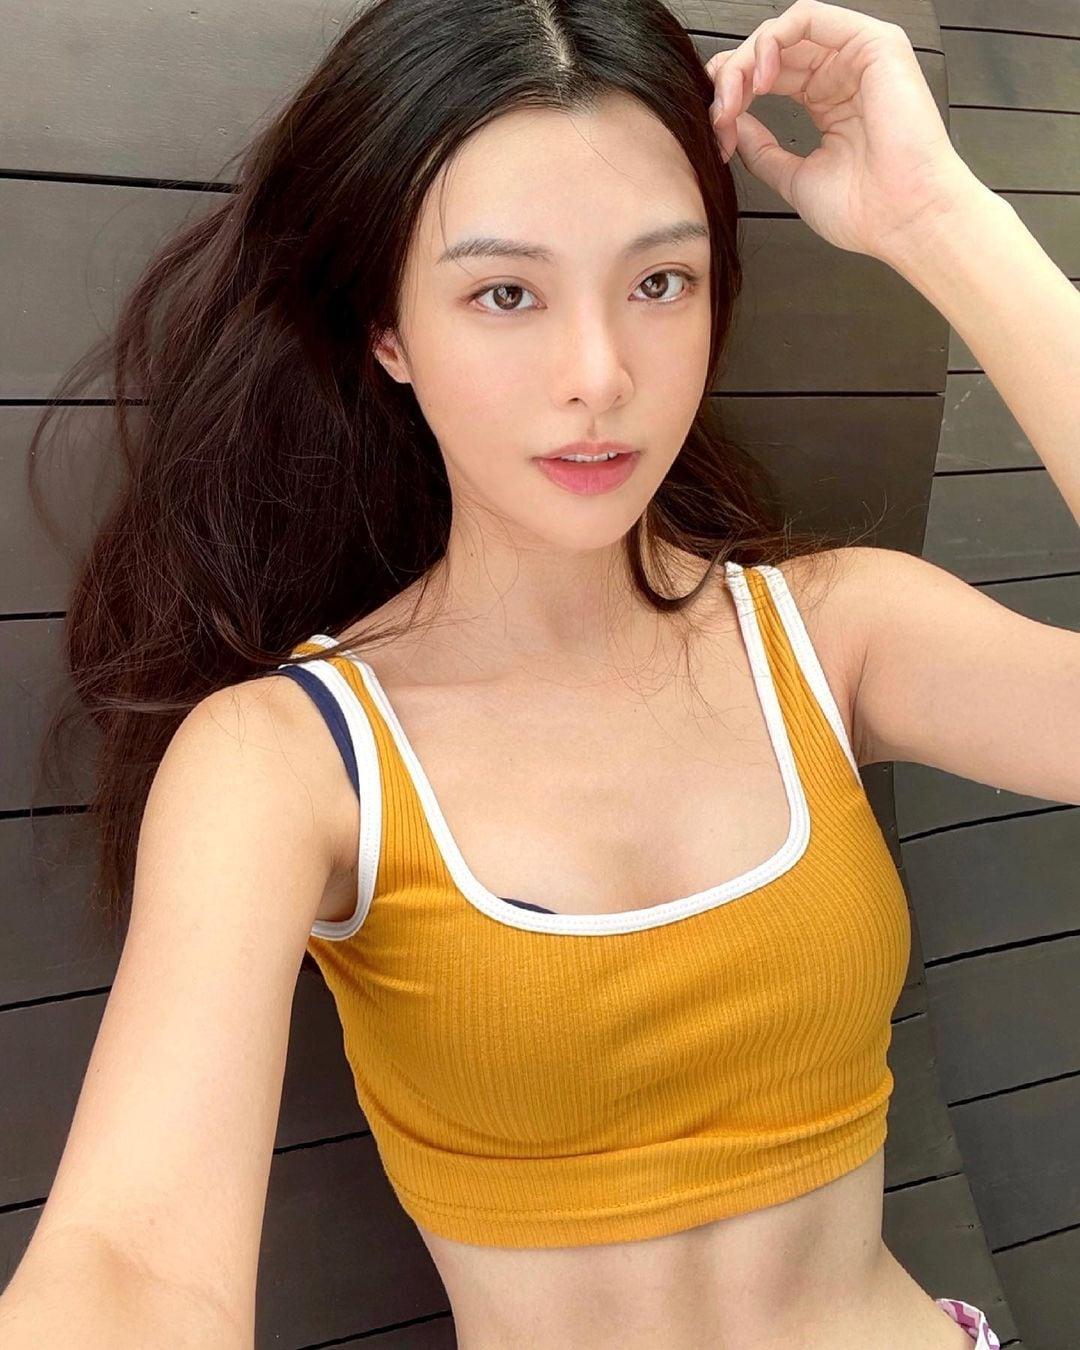 キャスリン・リー「マレーシアの美ボディセレブ!」ロングヘアとボブ…どっちが好み?【画像2枚】の画像002